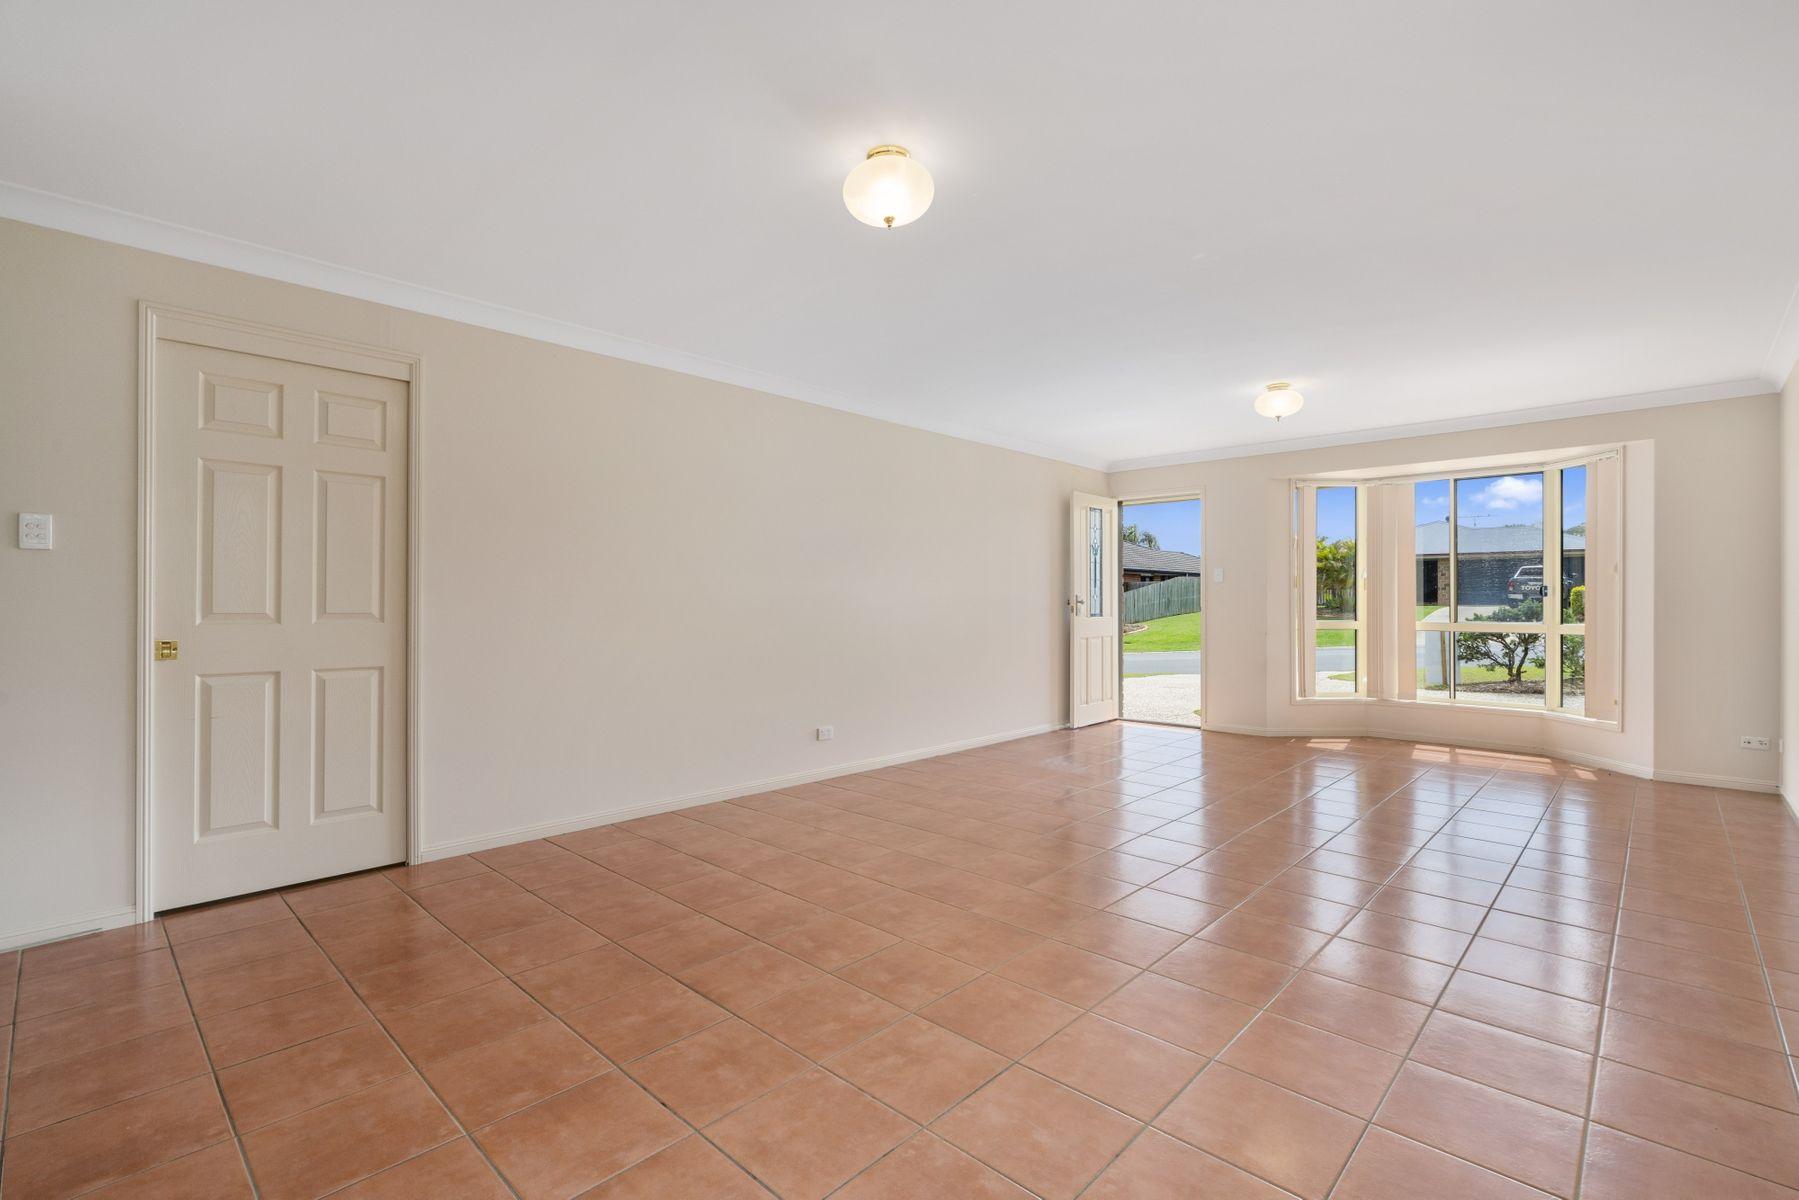 1/4 Jarad Street, Morayfield, QLD 4506